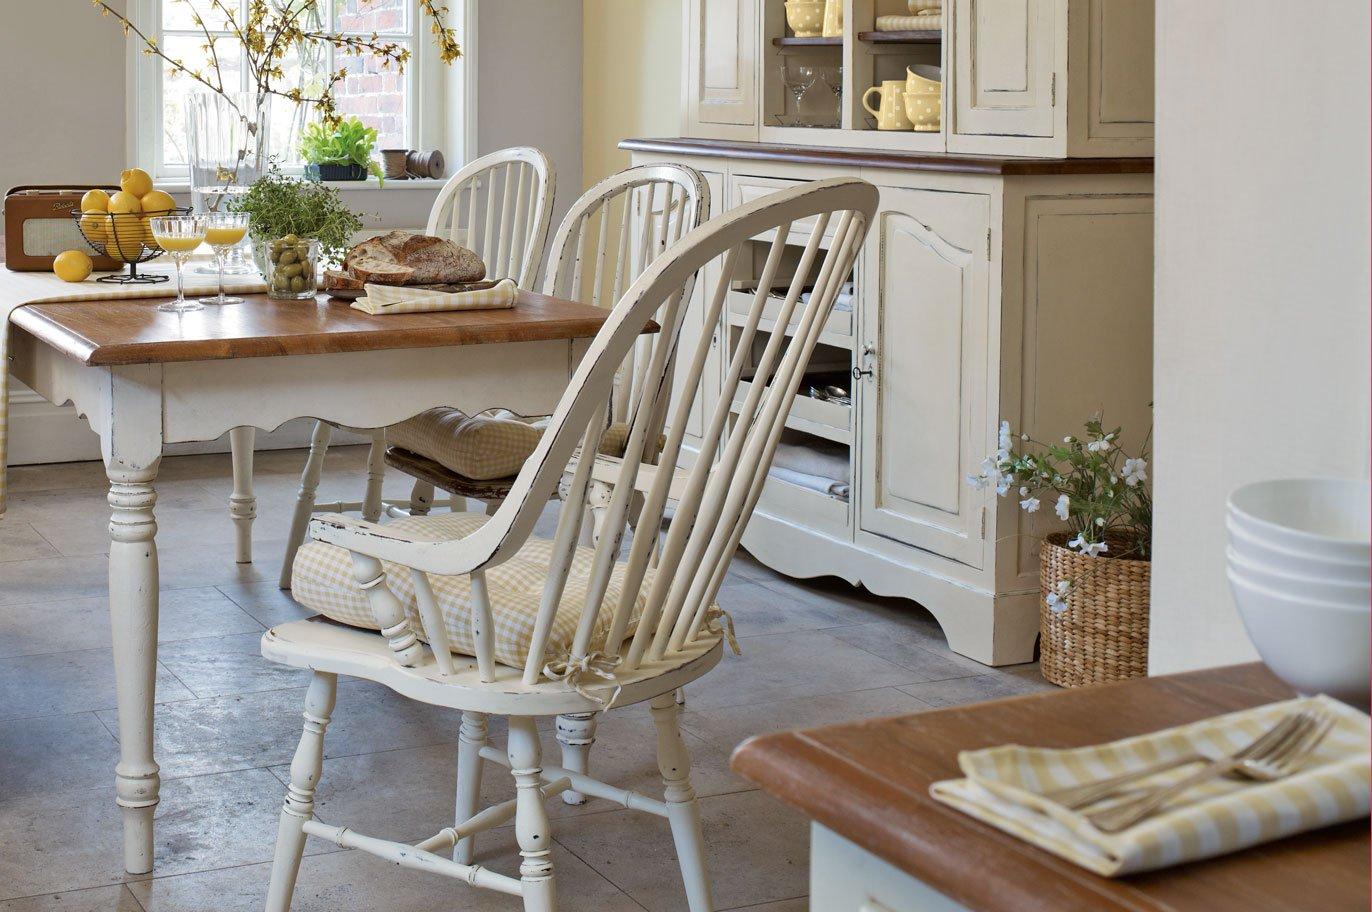 Muebles para una cocina de estilo ingl s decoraci n del for Sillas para isla de cocina